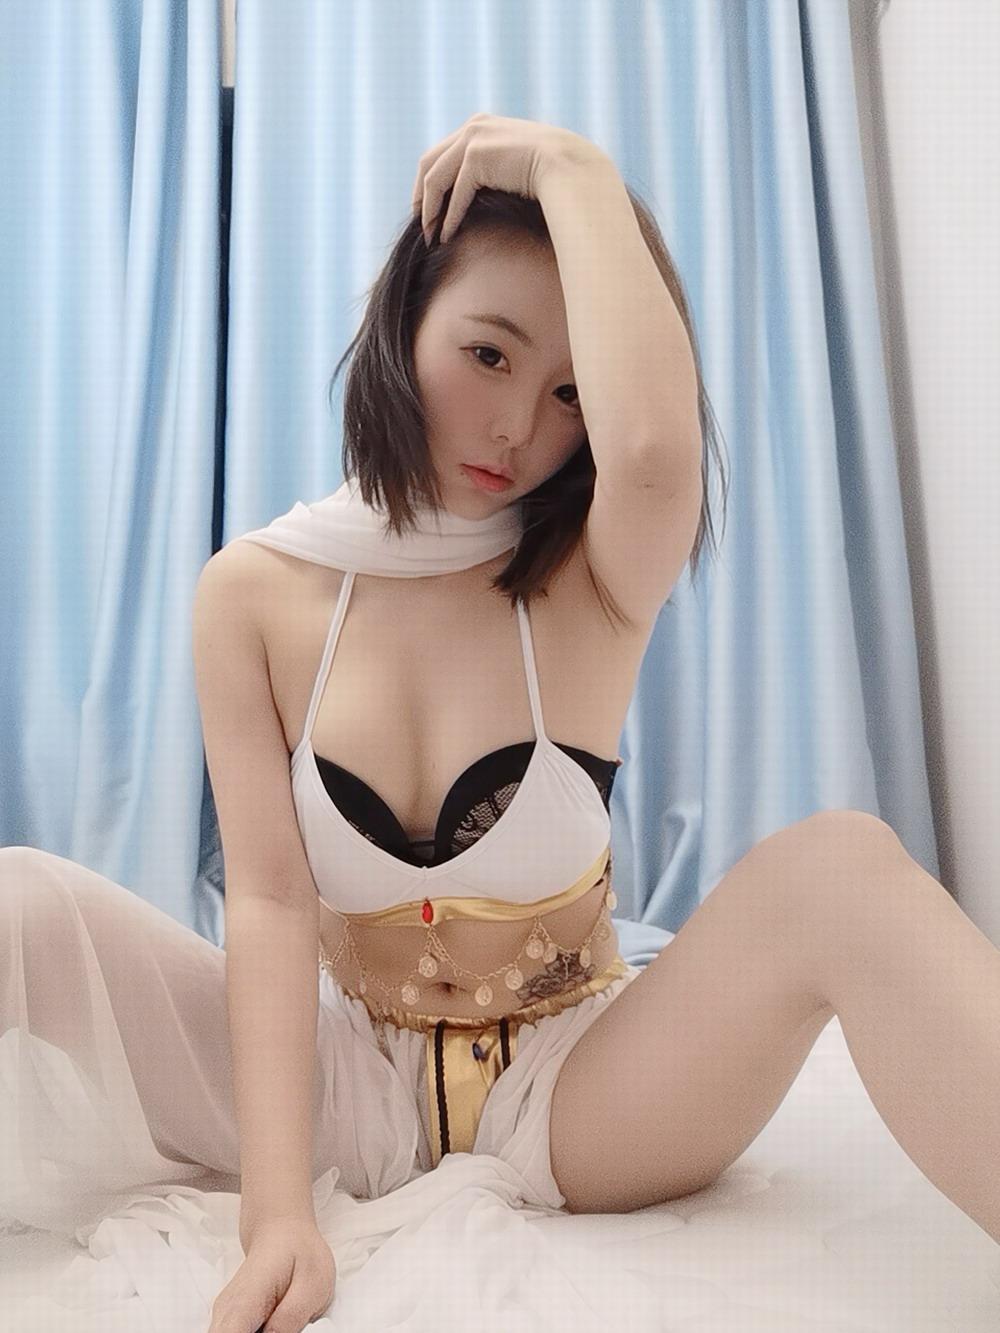 斗鱼主播小八 – 白纱裙 [/226MB]